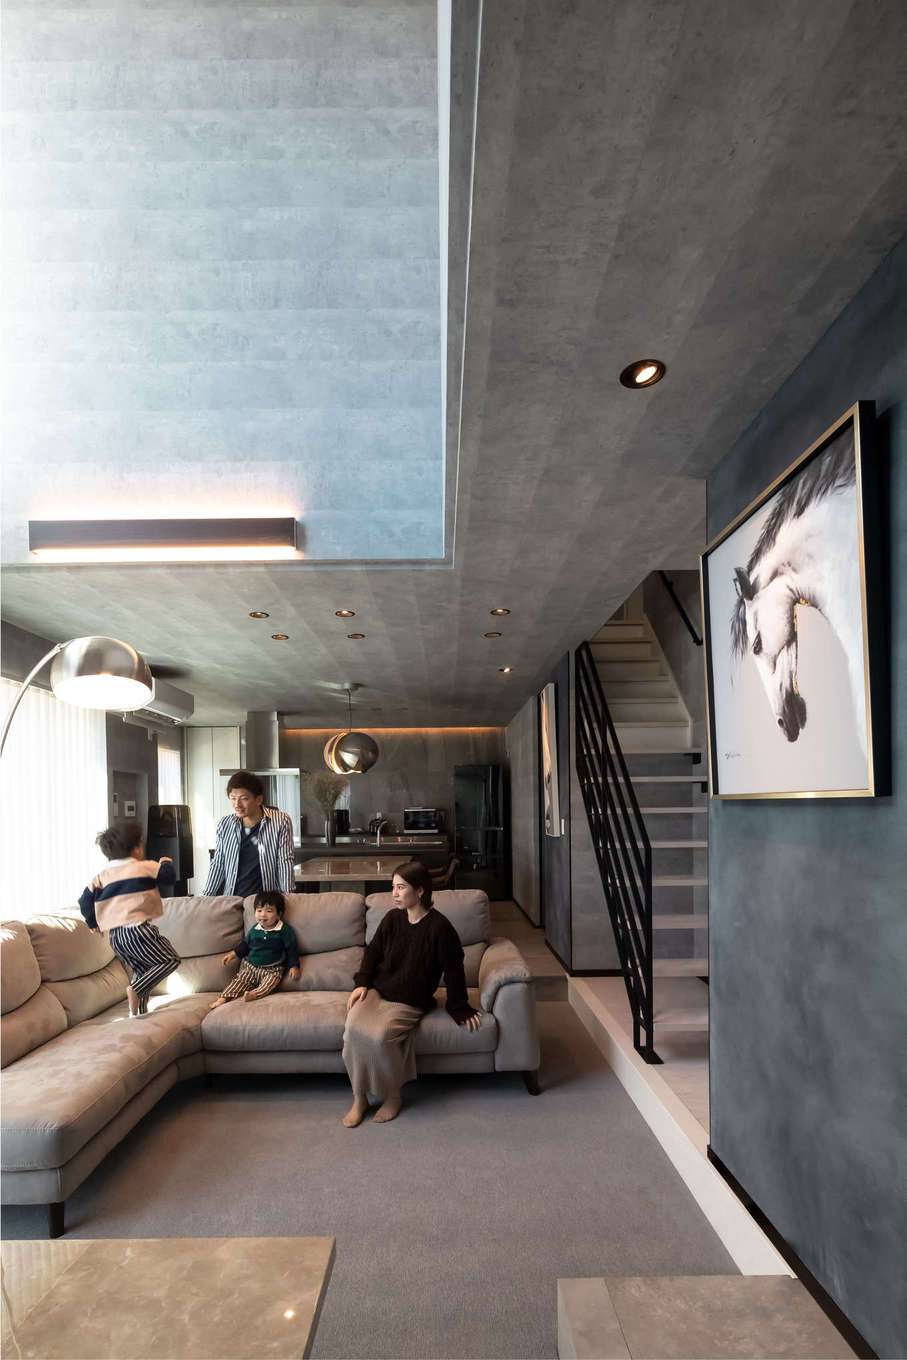 幸和ハウジング【デザイン住宅、趣味、屋上バルコニー】吹抜けのリビングは床を一段下げて縦の空間の広がりを強調し、いっそう開放的に。また、カーペット敷きにしてラグジュアリー感を演出した